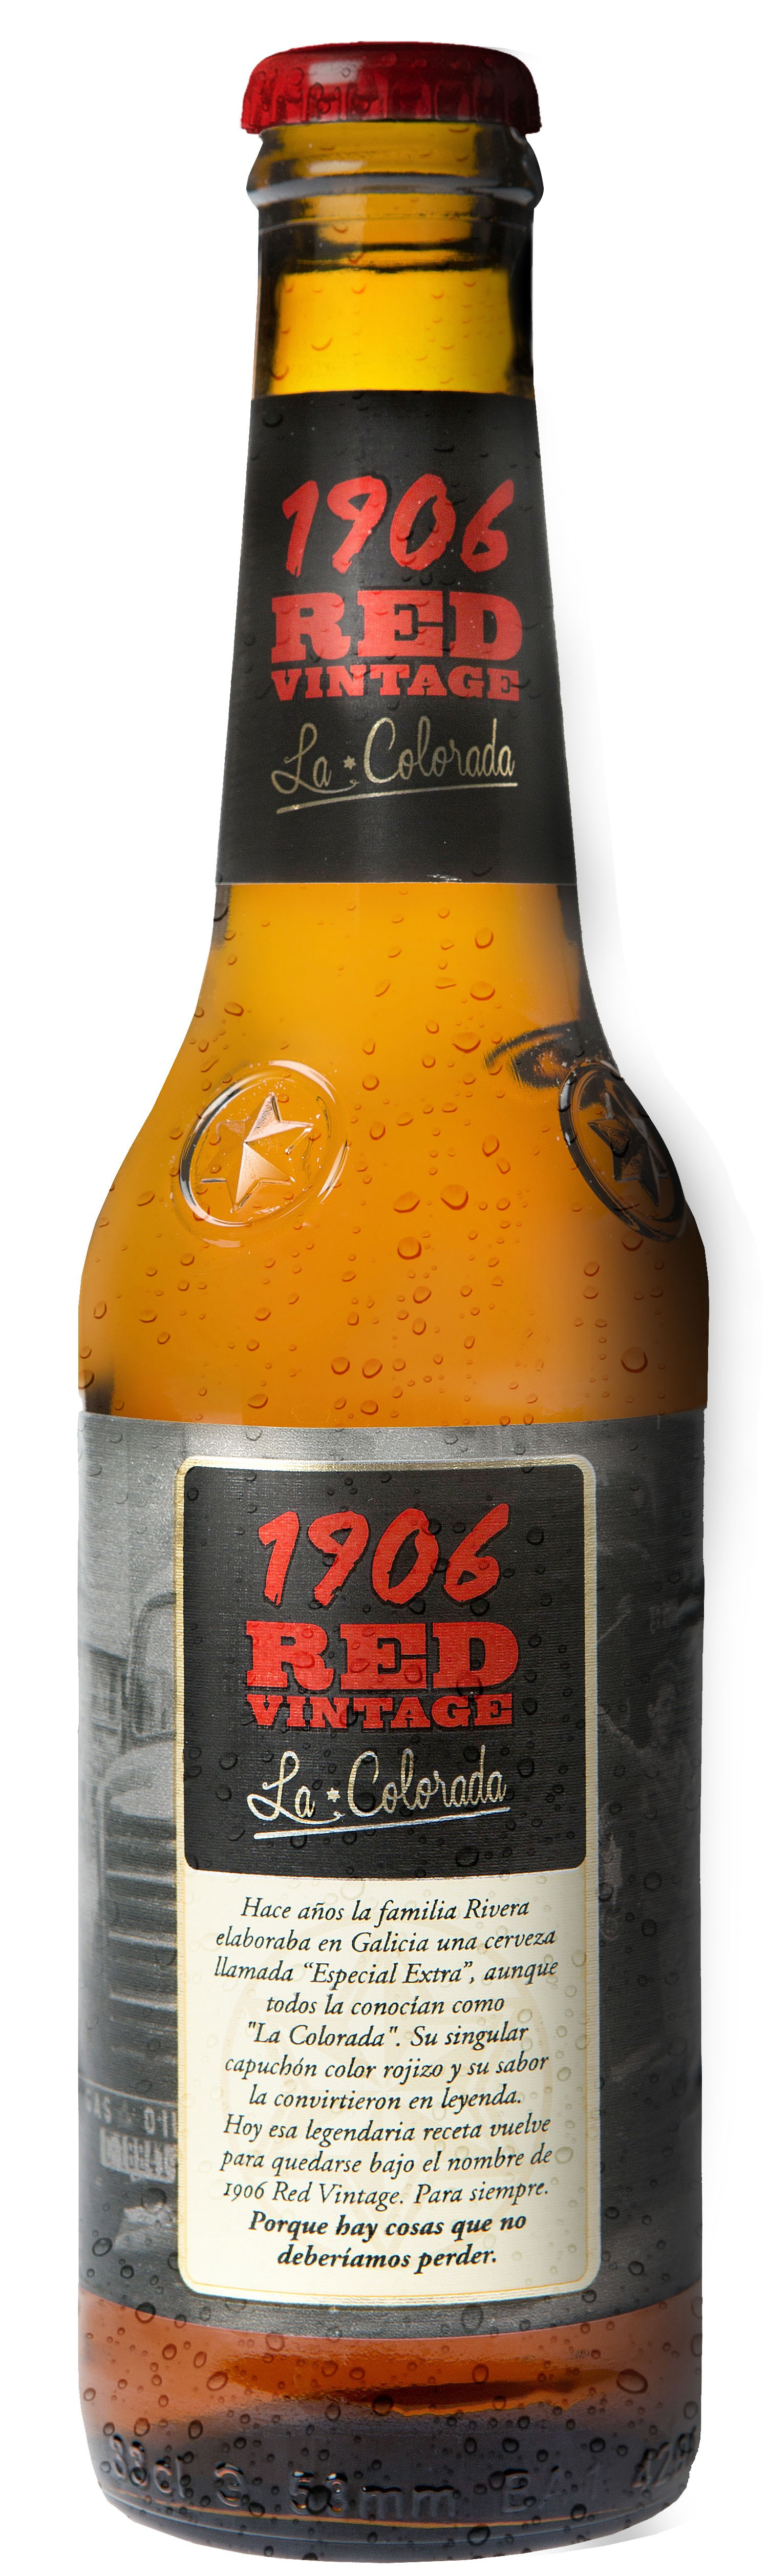 Cervejas 1906 da Estrella Galicia lideram ranking das melhores do mundo (Foto: Divulgação)